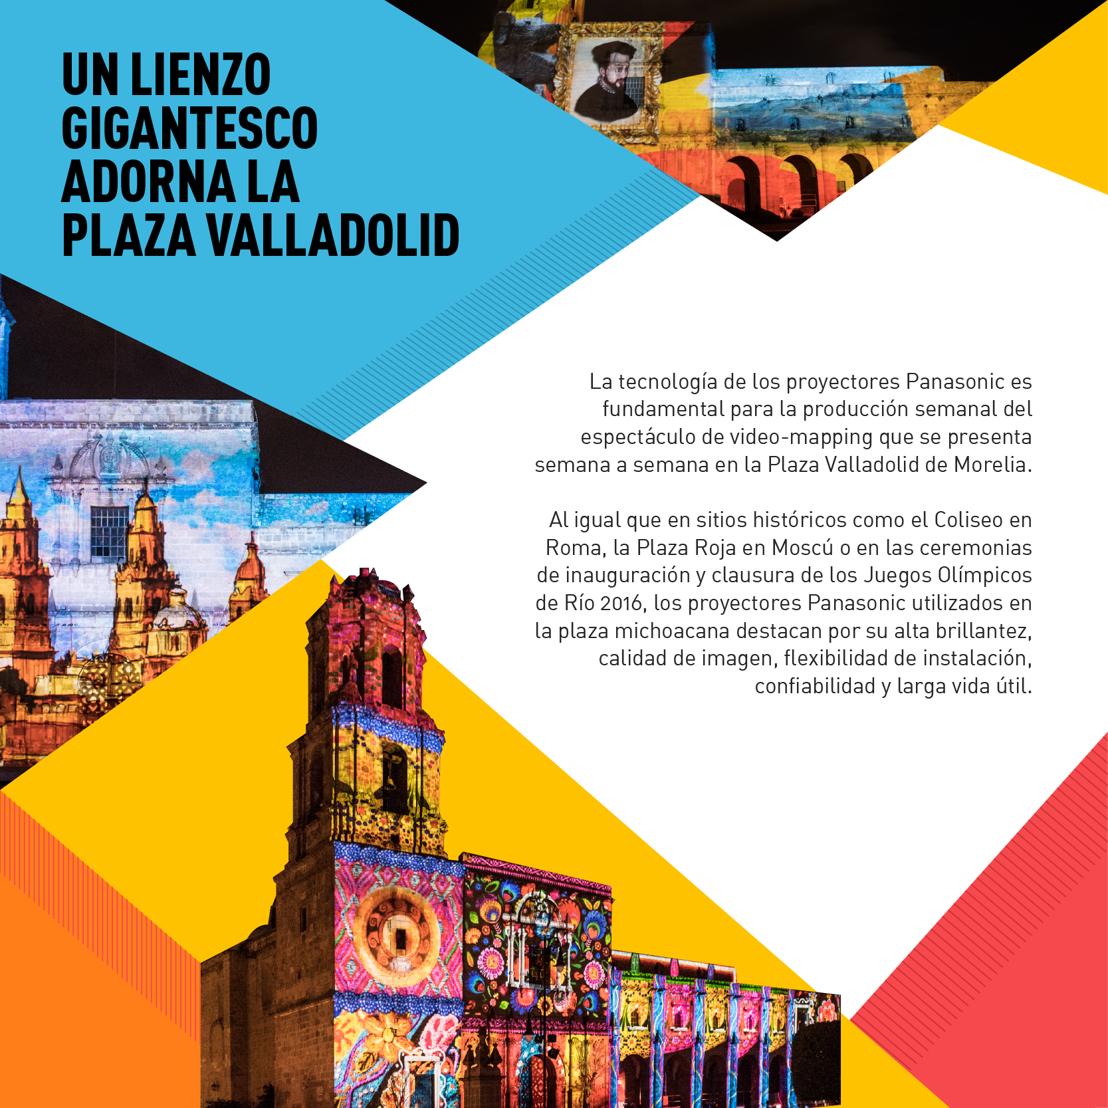 Panasonic mapping en Morelia: Un gran lienzo sobre la Plaza Valladolid